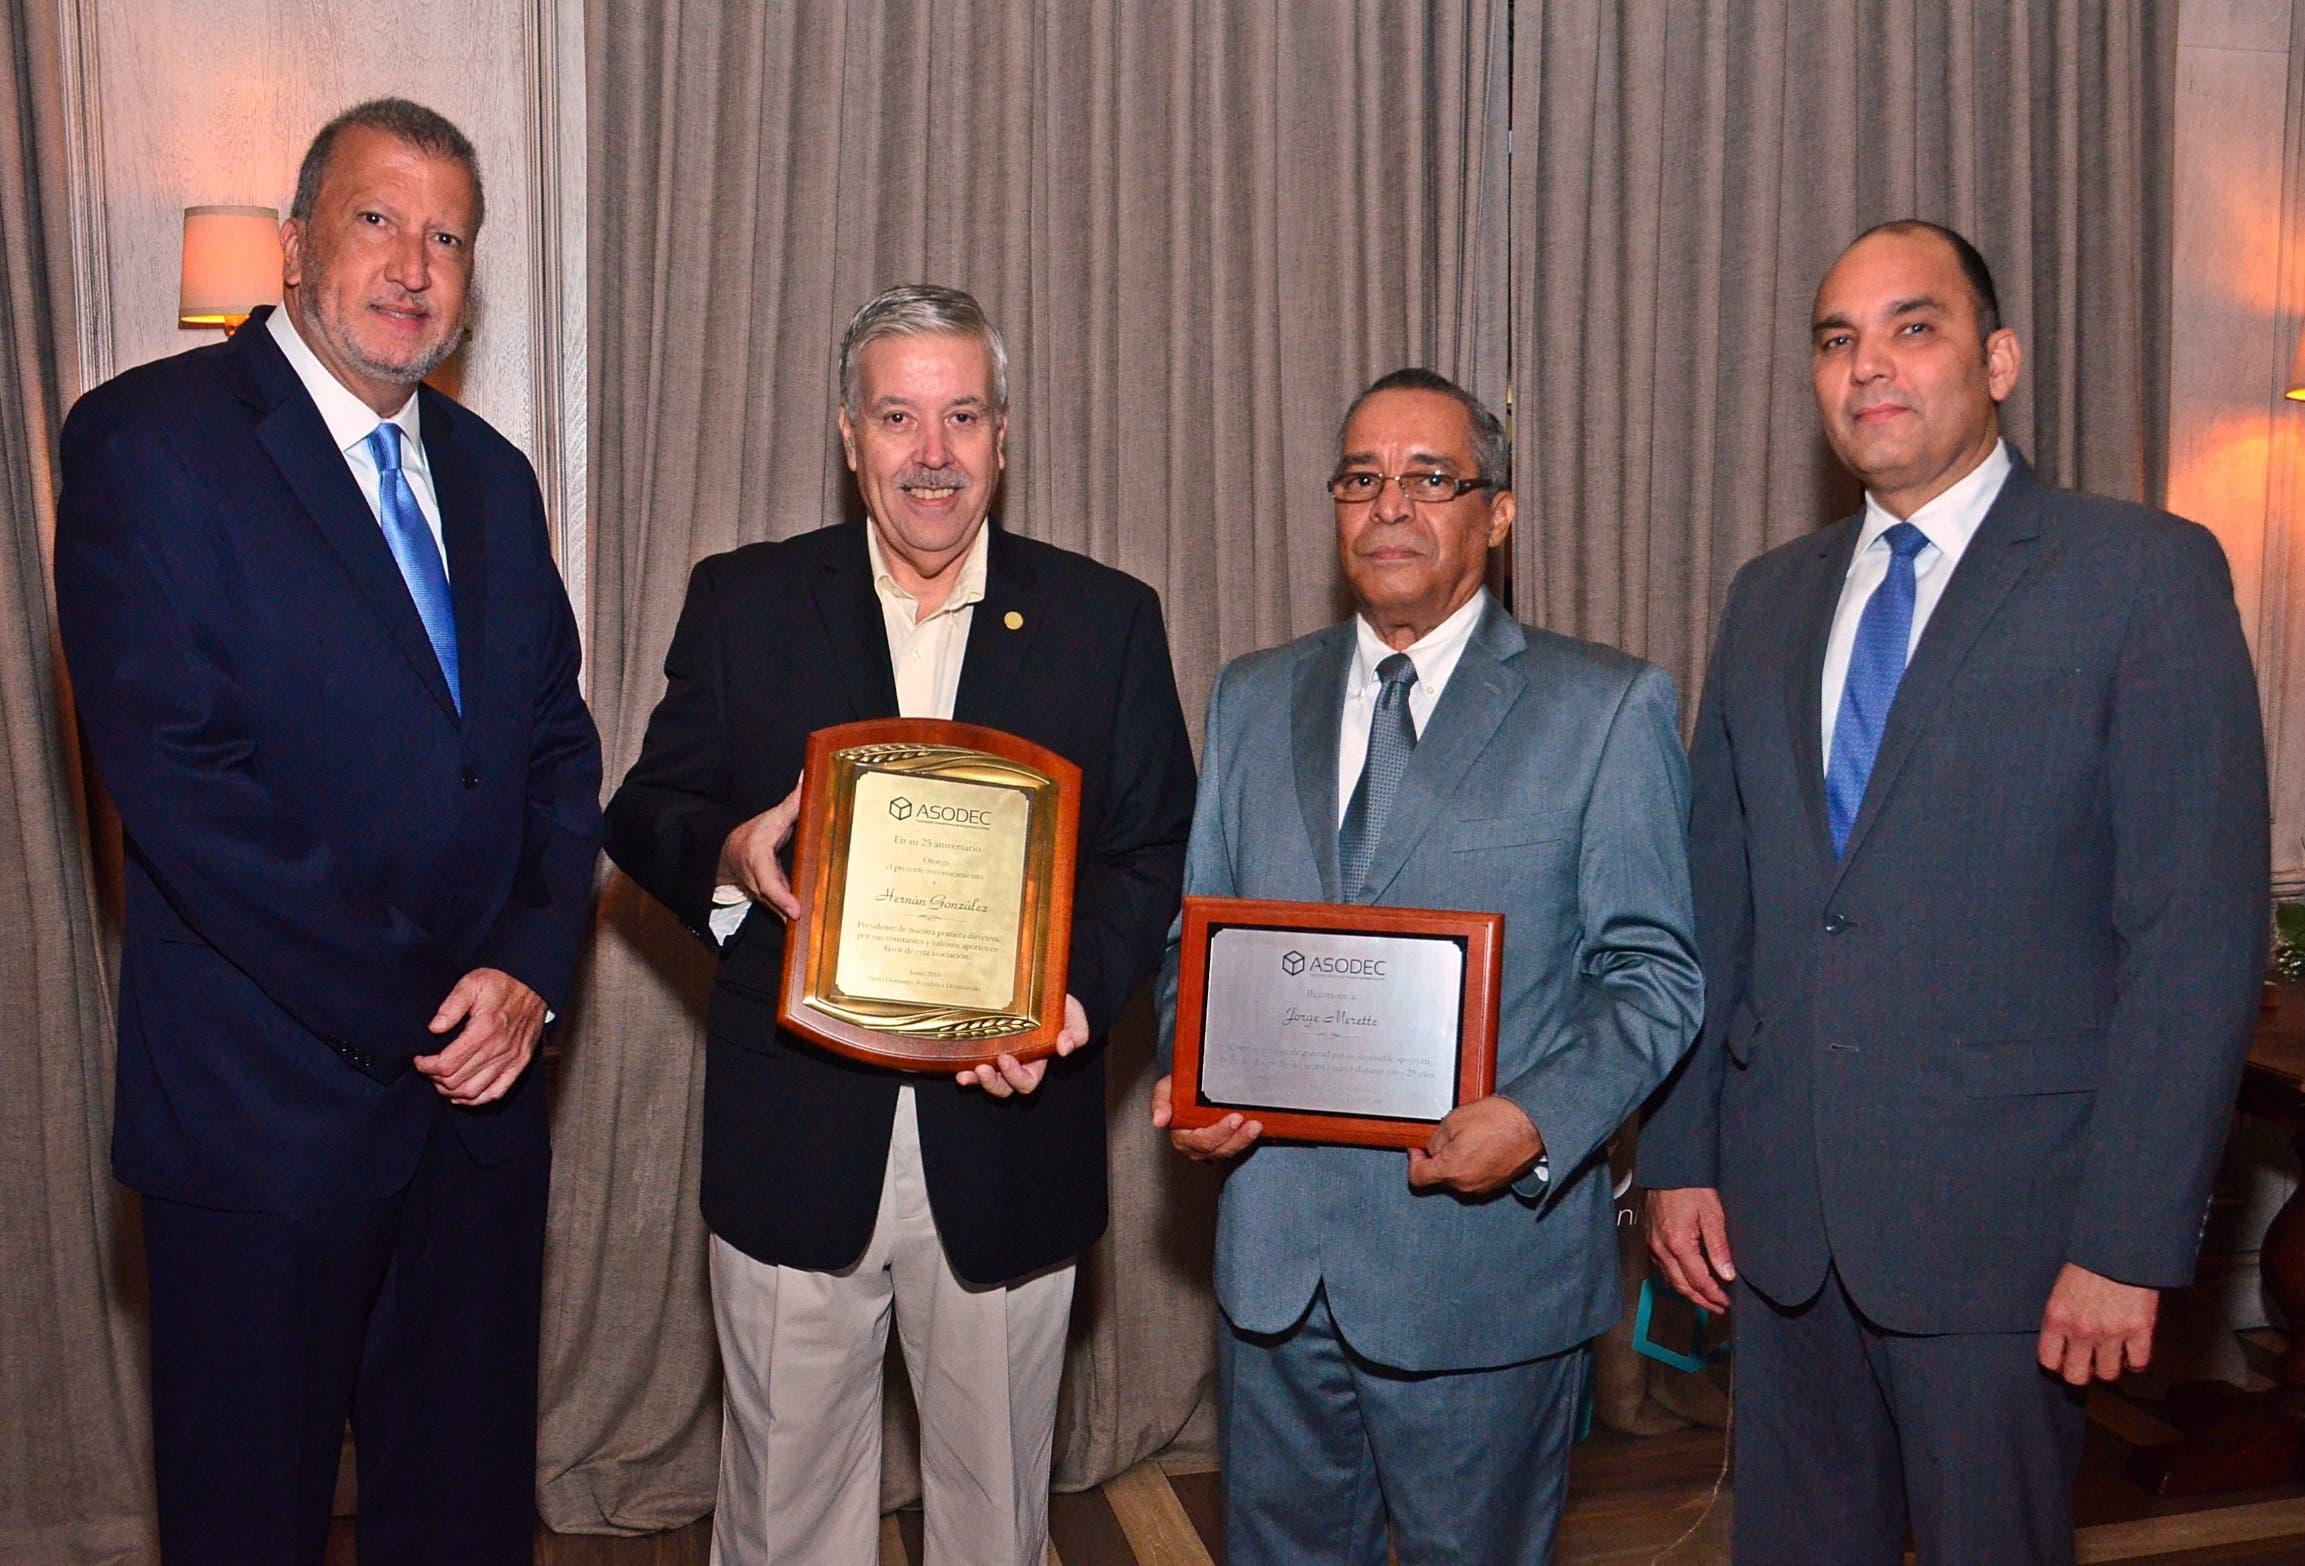 Luis Valdez, Hernán González,  Jorge Merete  y Enrique Ramírez  en la celebración del 25 aniversario.